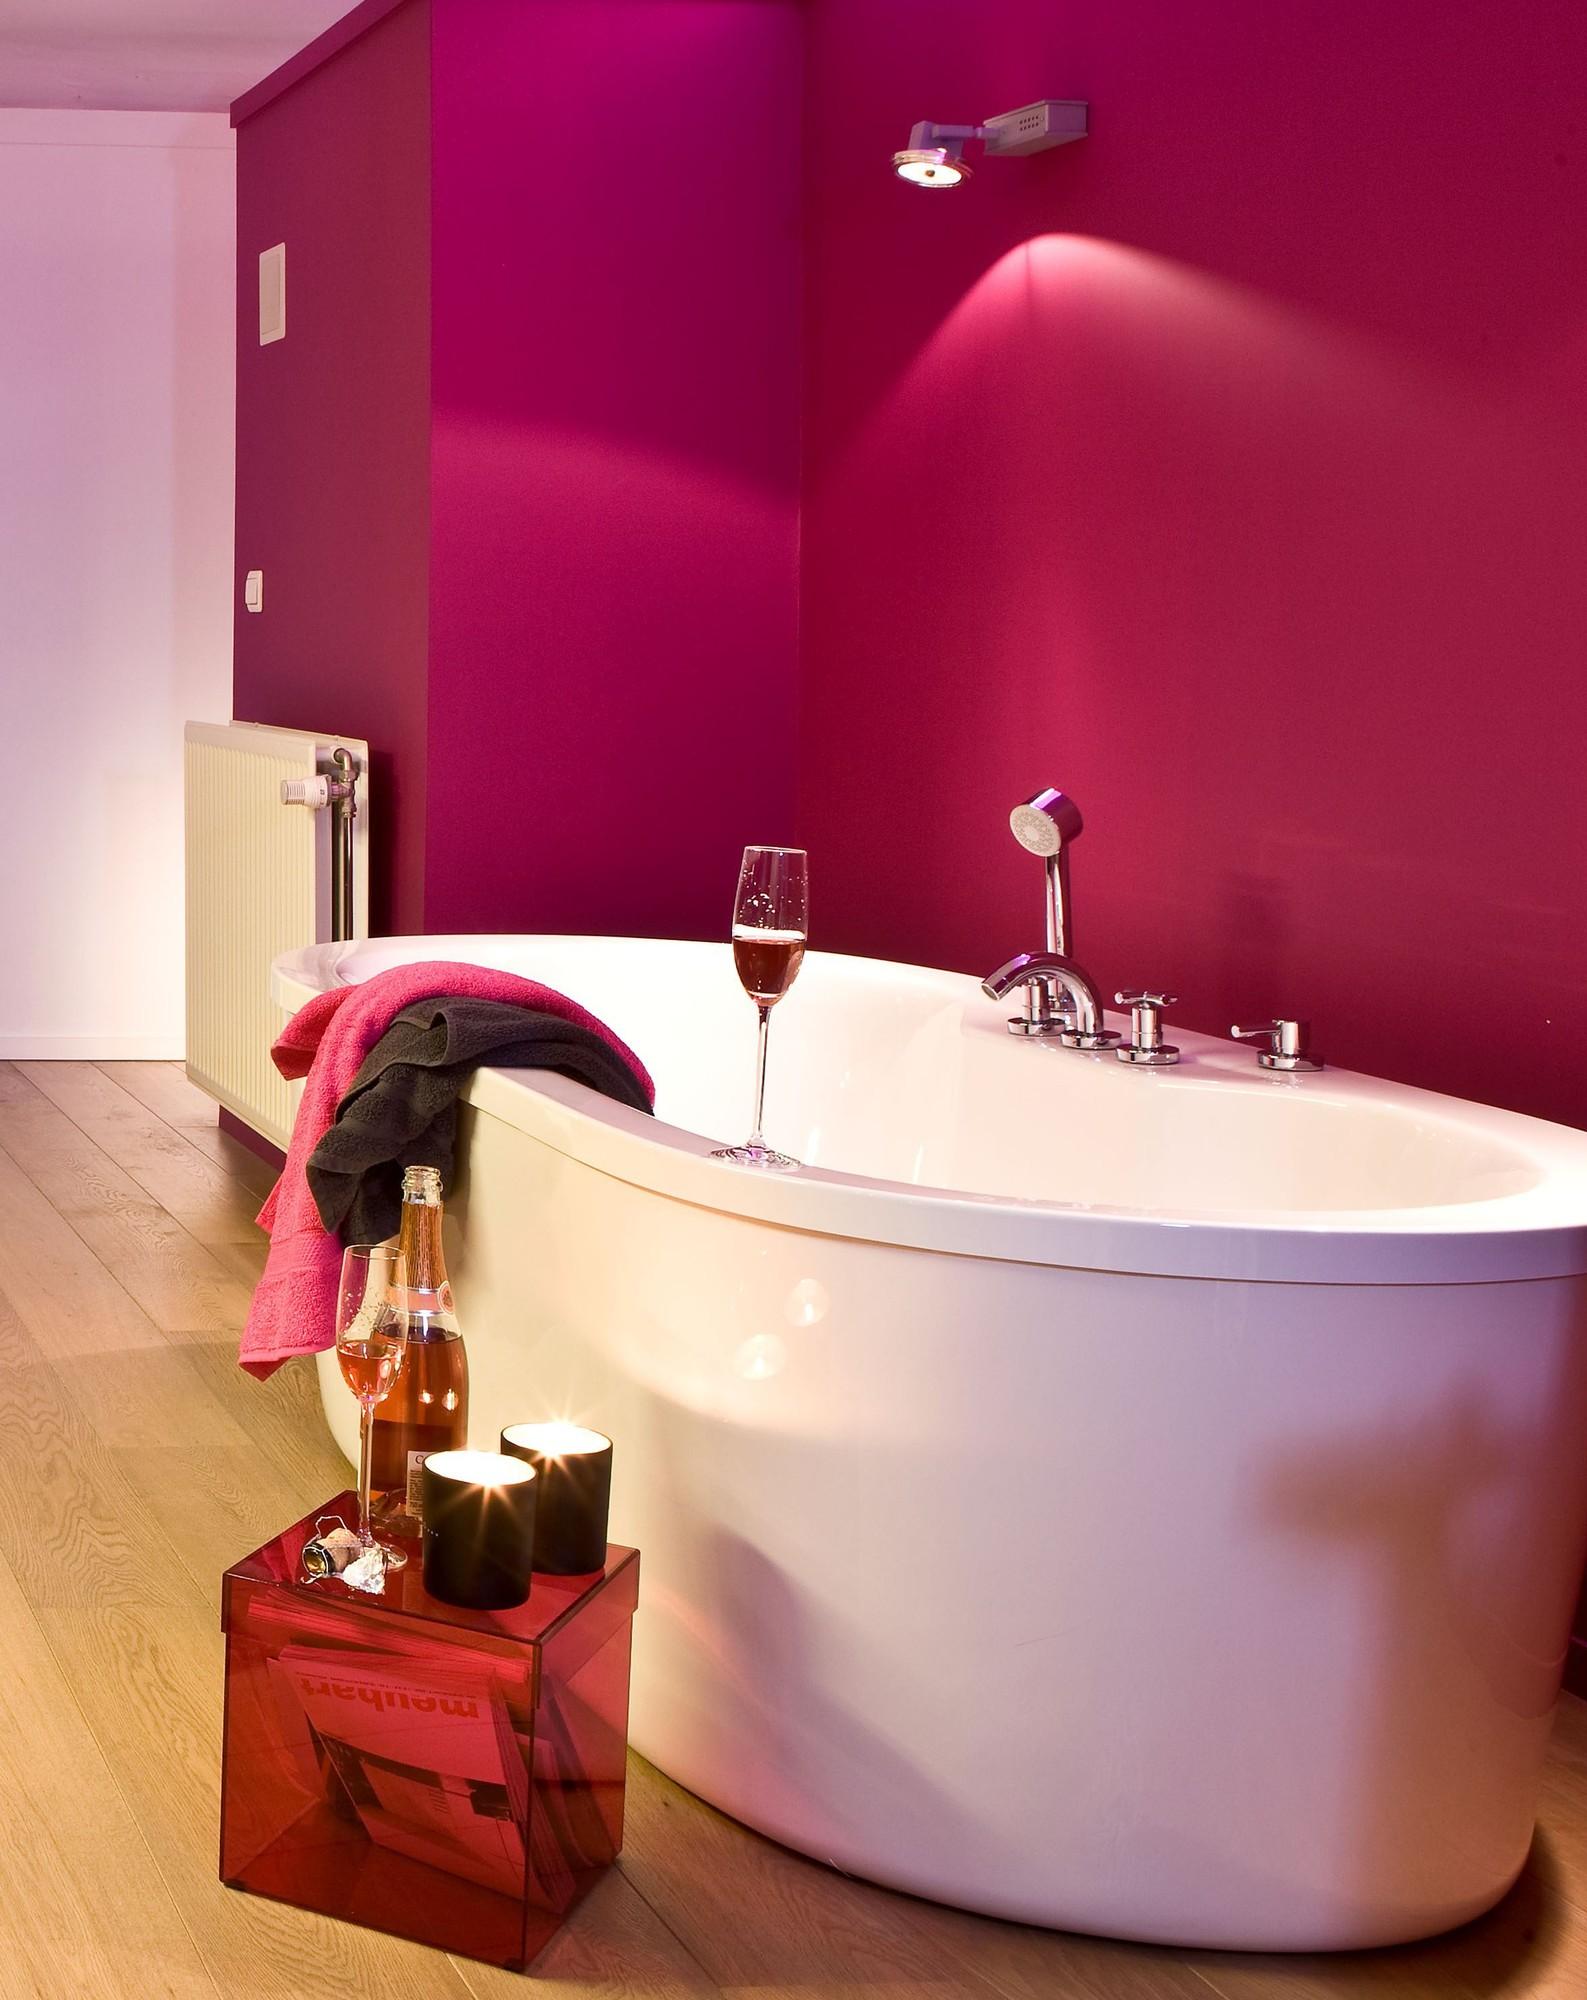 felle verfkleuren in de badkamer